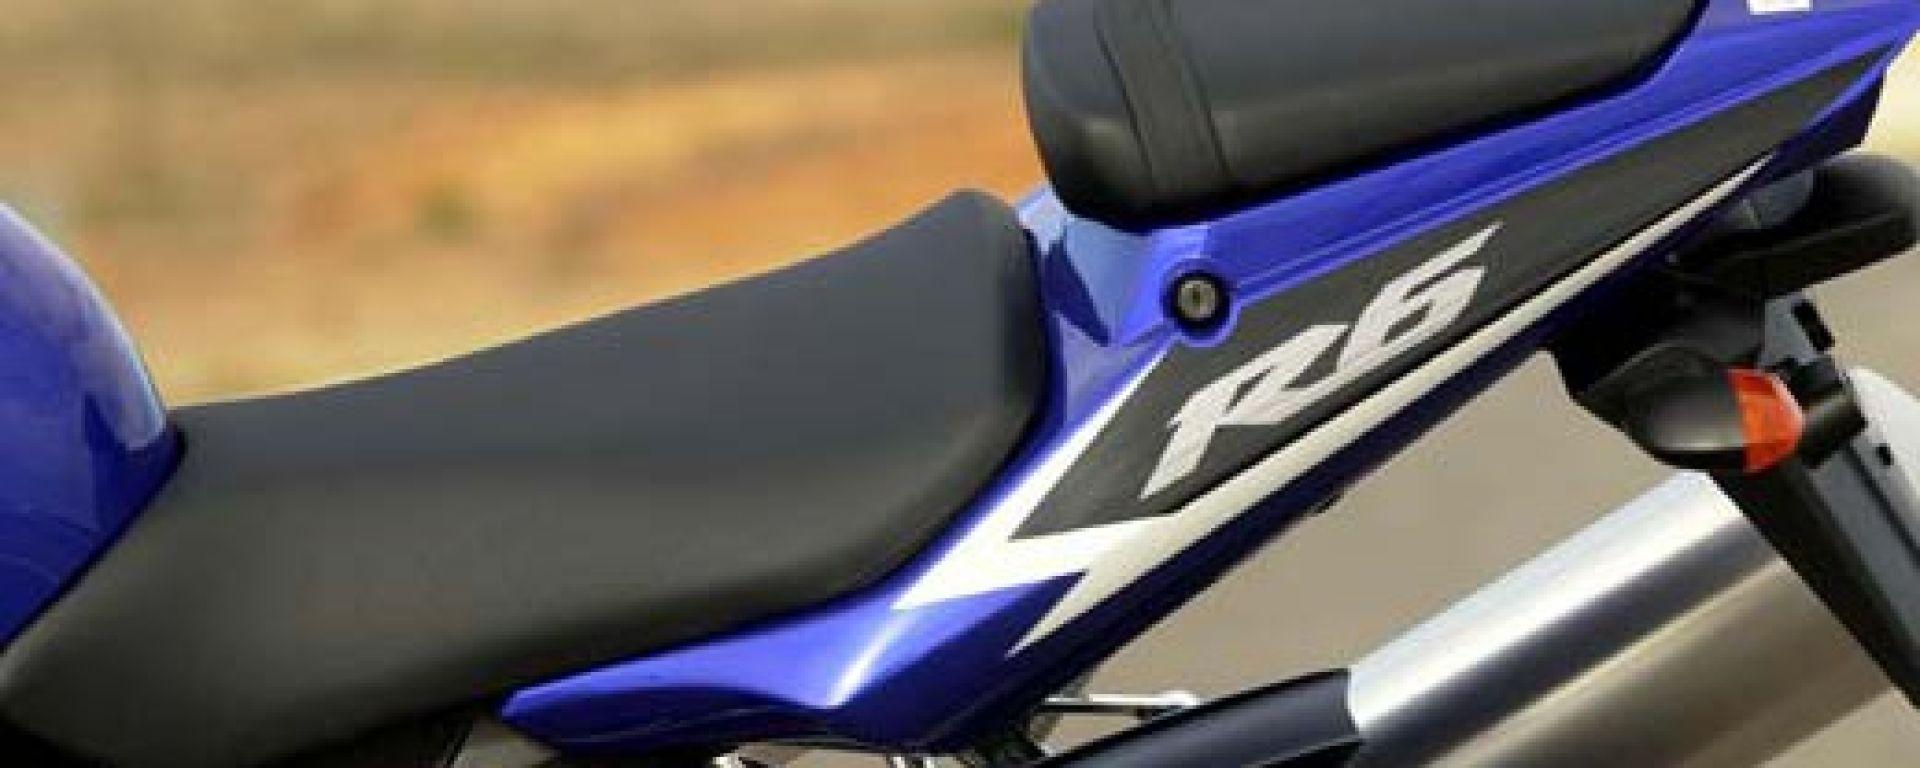 Yamaha R6 '05